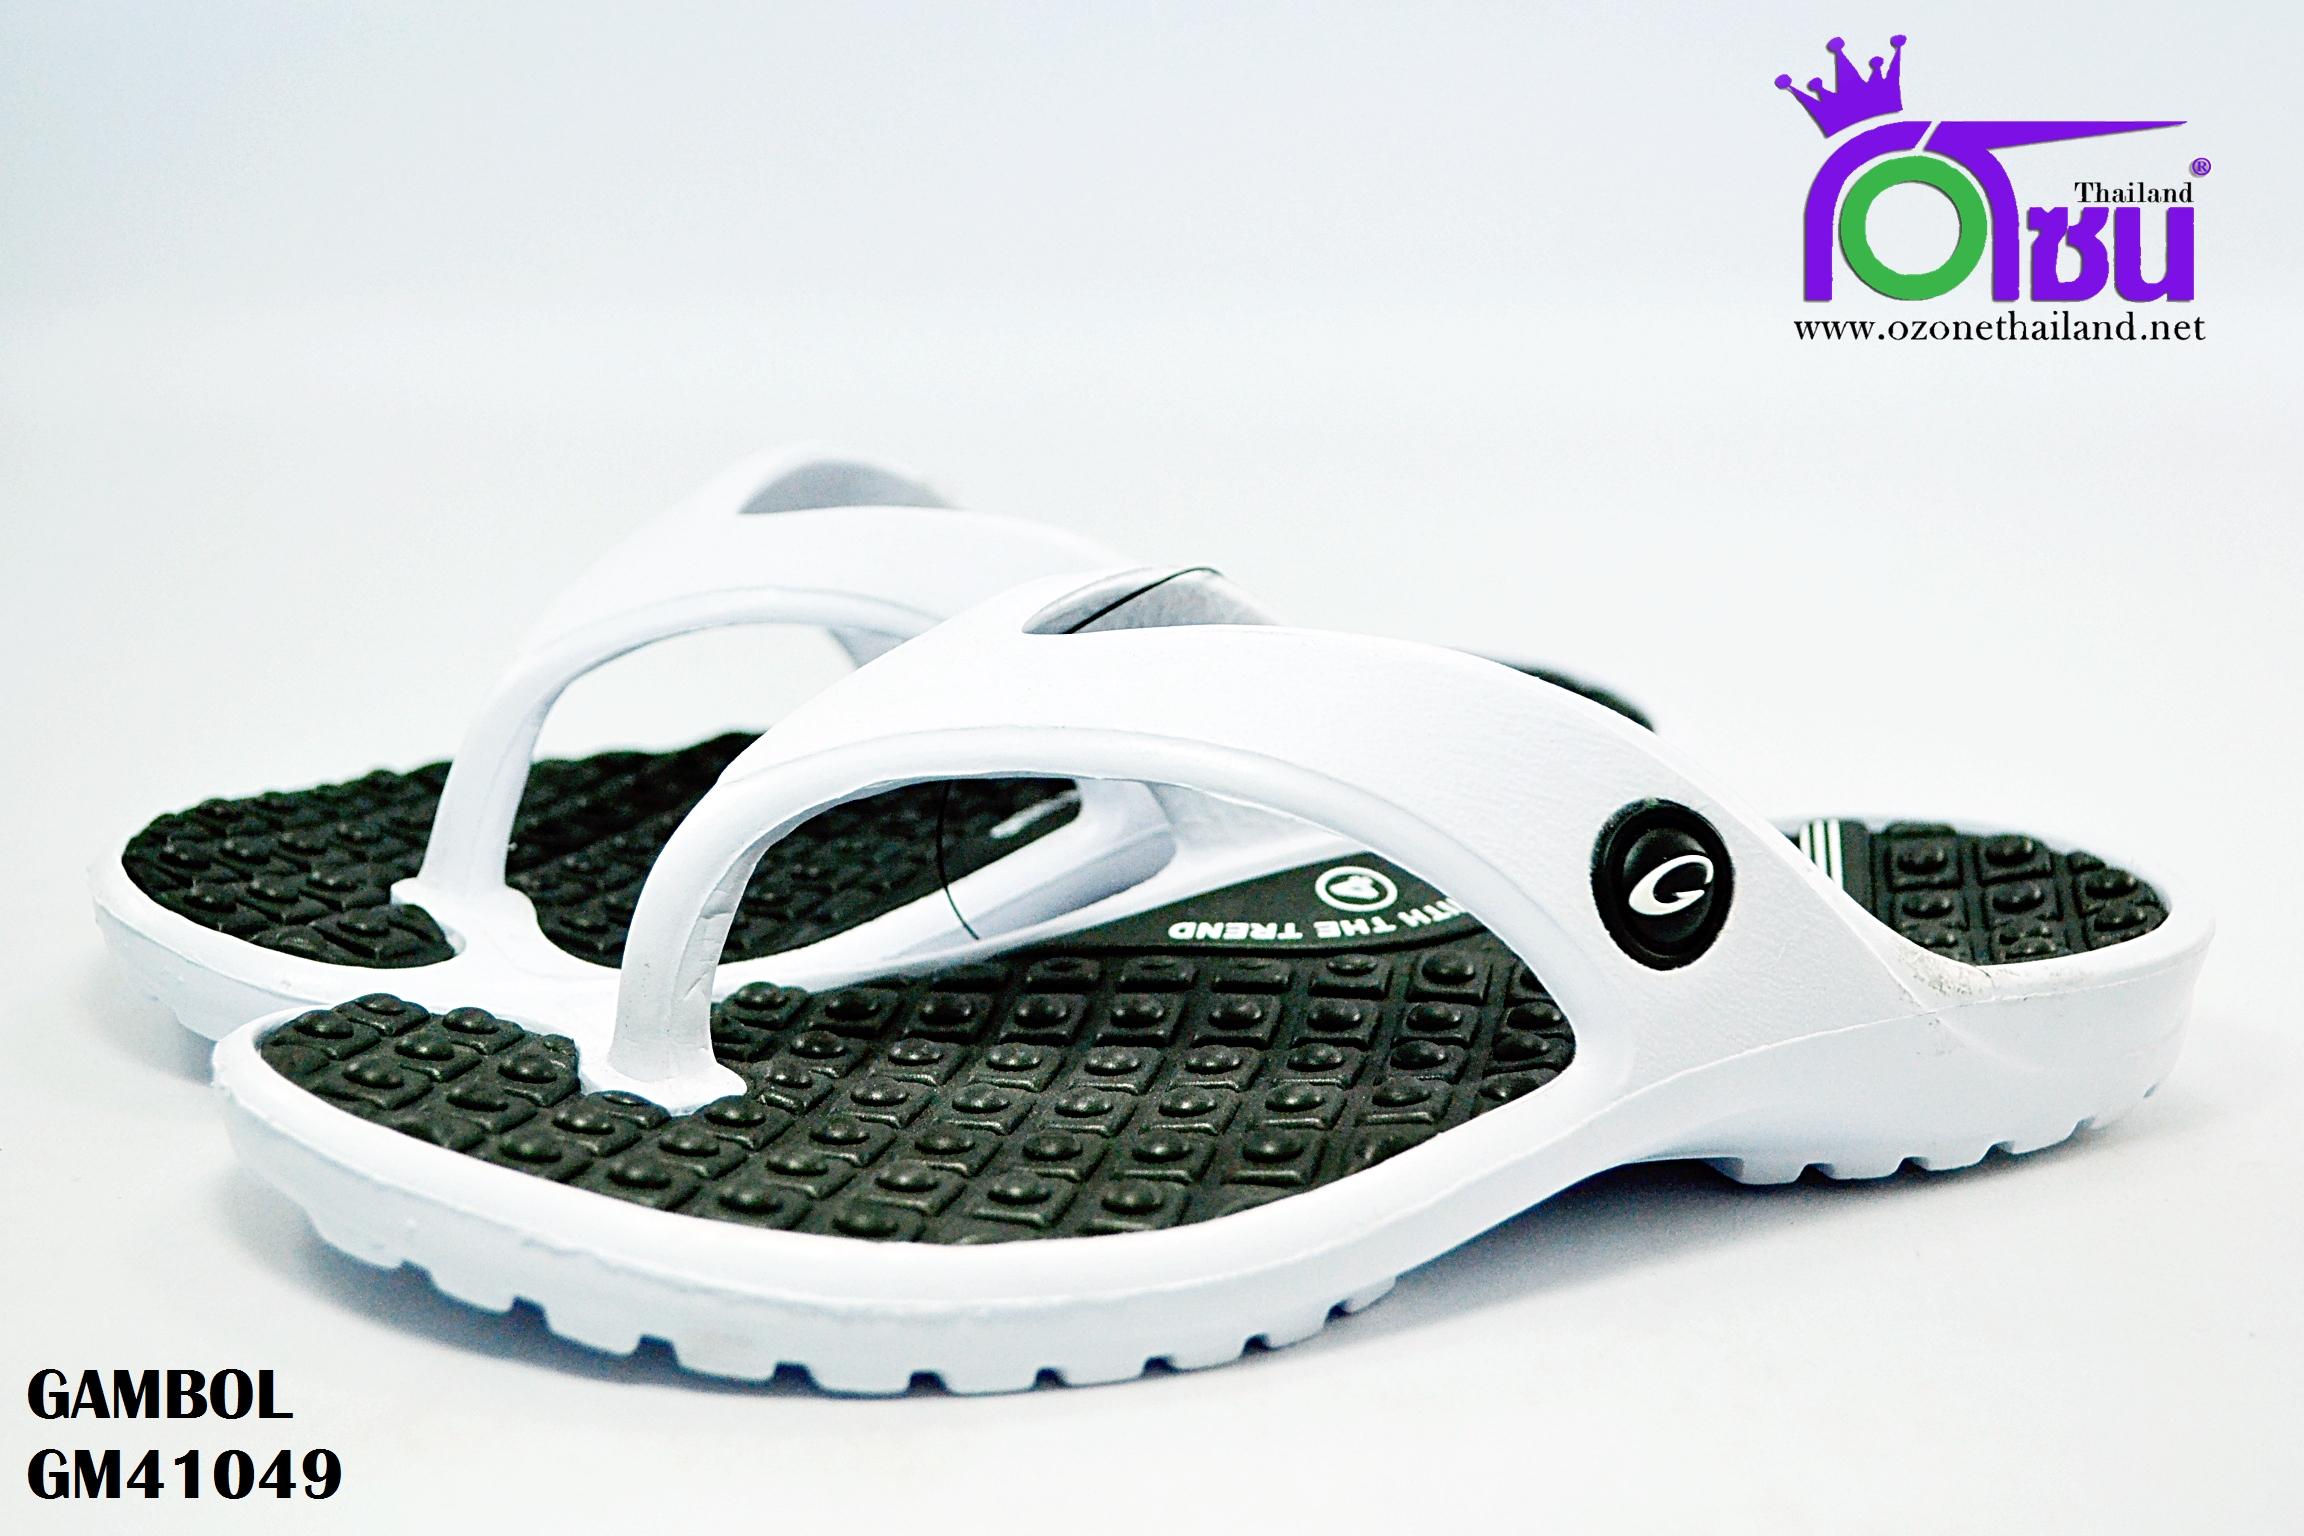 รองเท้าแตะ GAMBOL แกมโบล รุ่น GM 41049 สีดำ เบอร์ 4-9